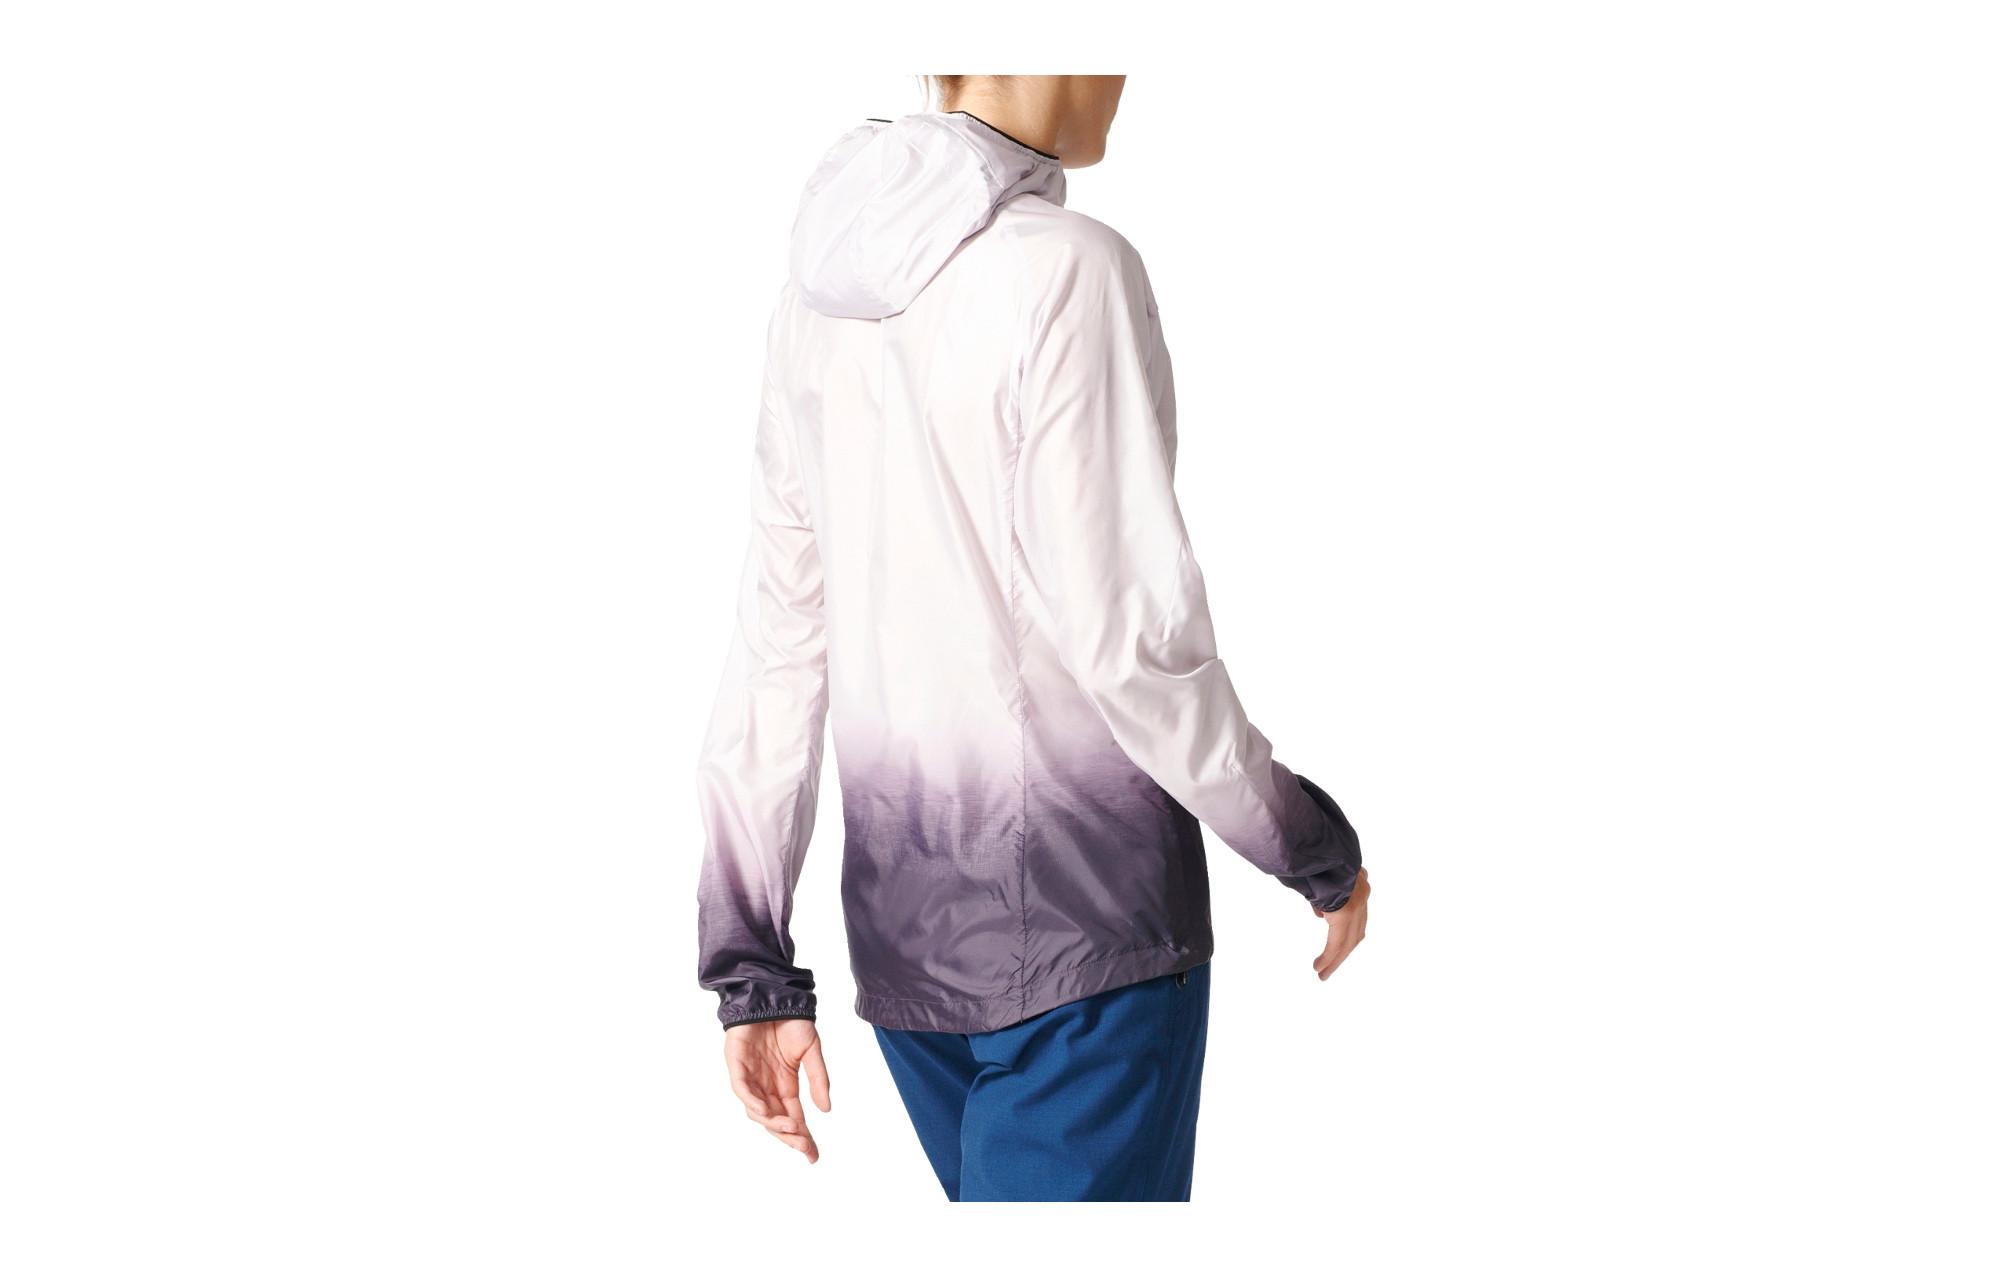 Veste coupe vent imperm able femme adidas running terrex agravic blanc violet - Veste coupe vent adidas femme ...